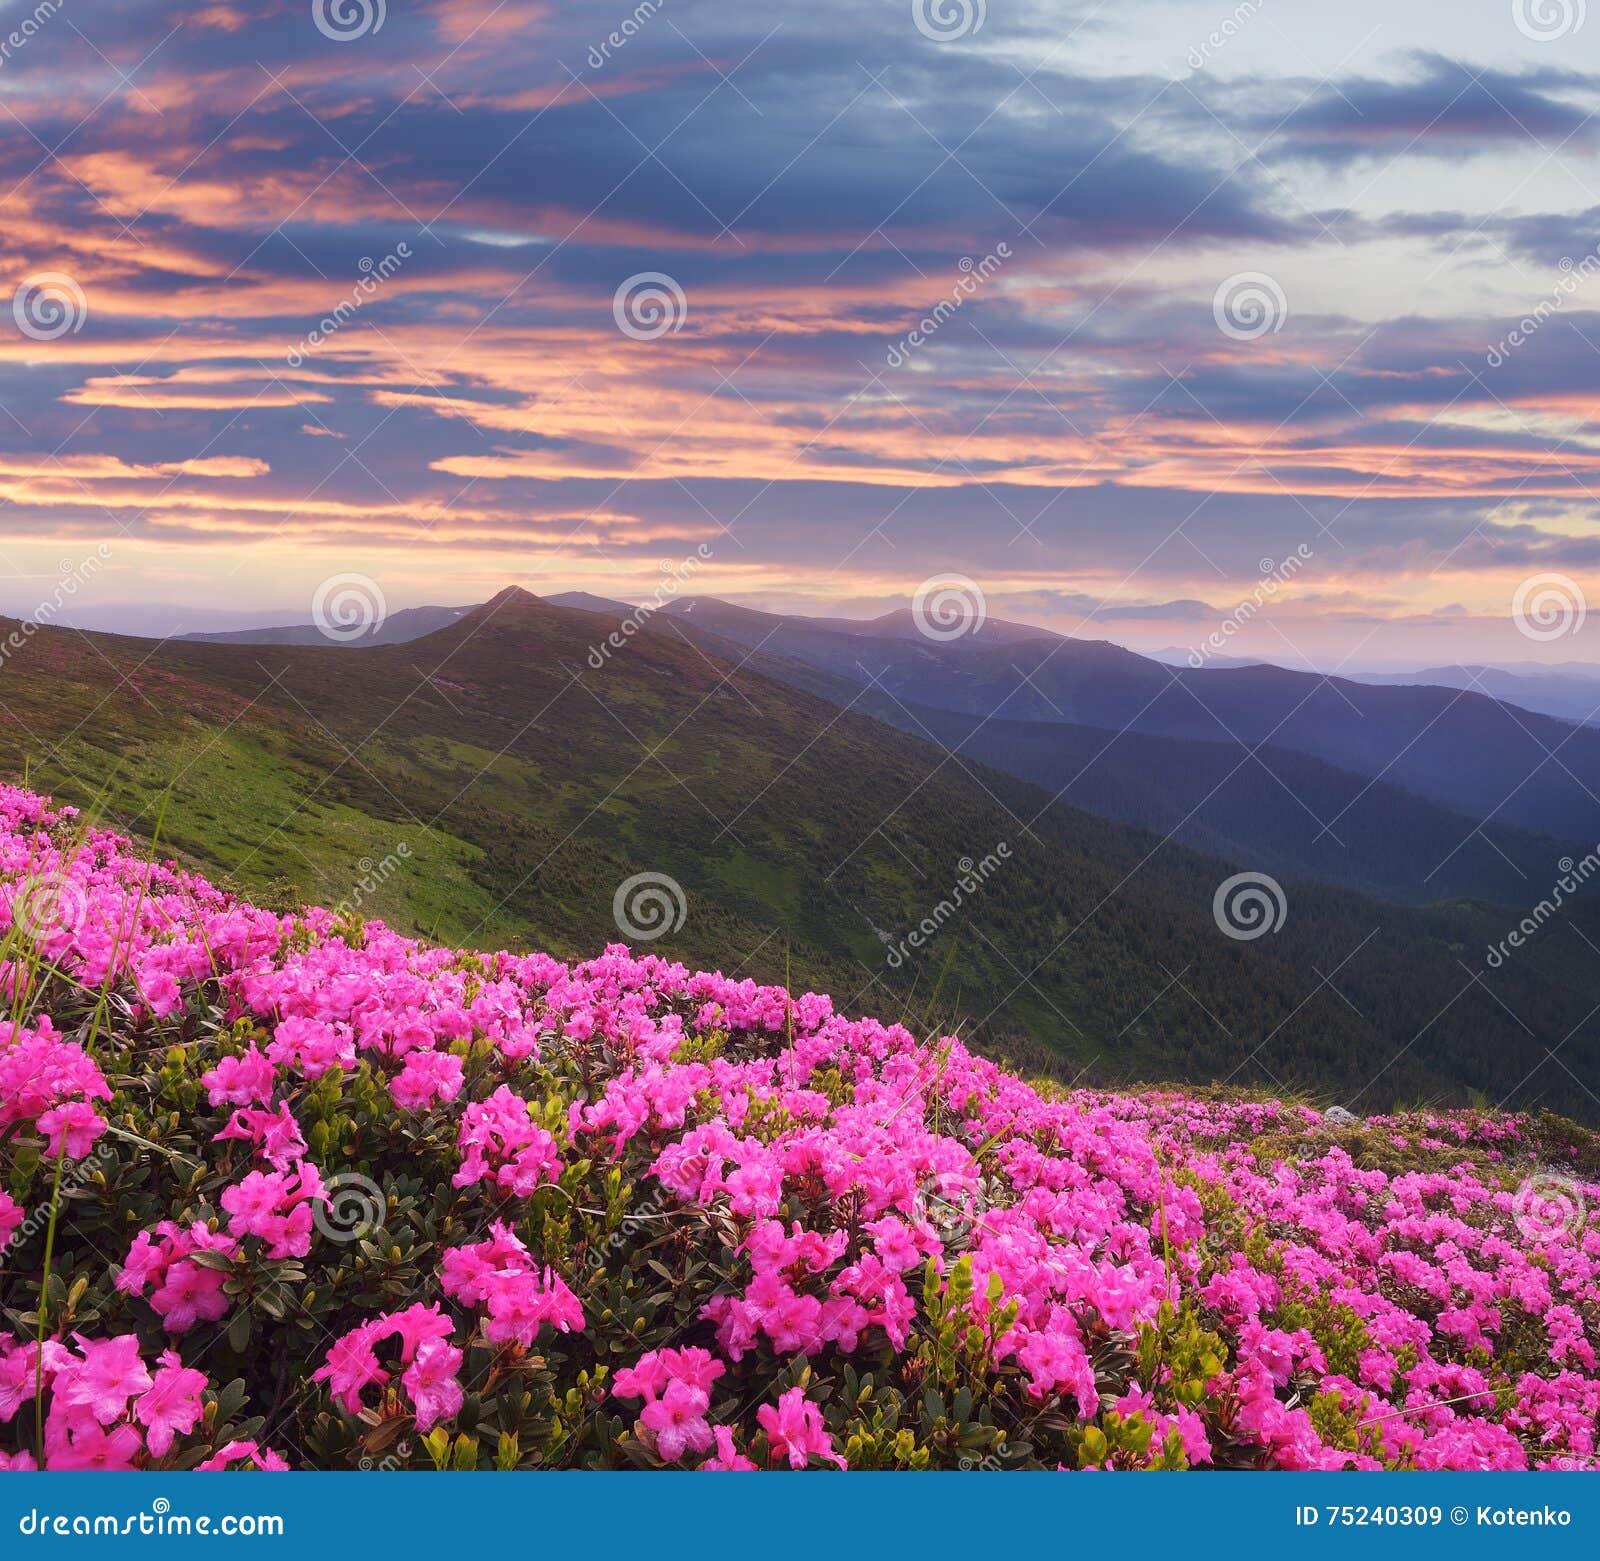 paysage de montagne avec les fleurs roses au coucher du soleil image stock image du nature. Black Bedroom Furniture Sets. Home Design Ideas